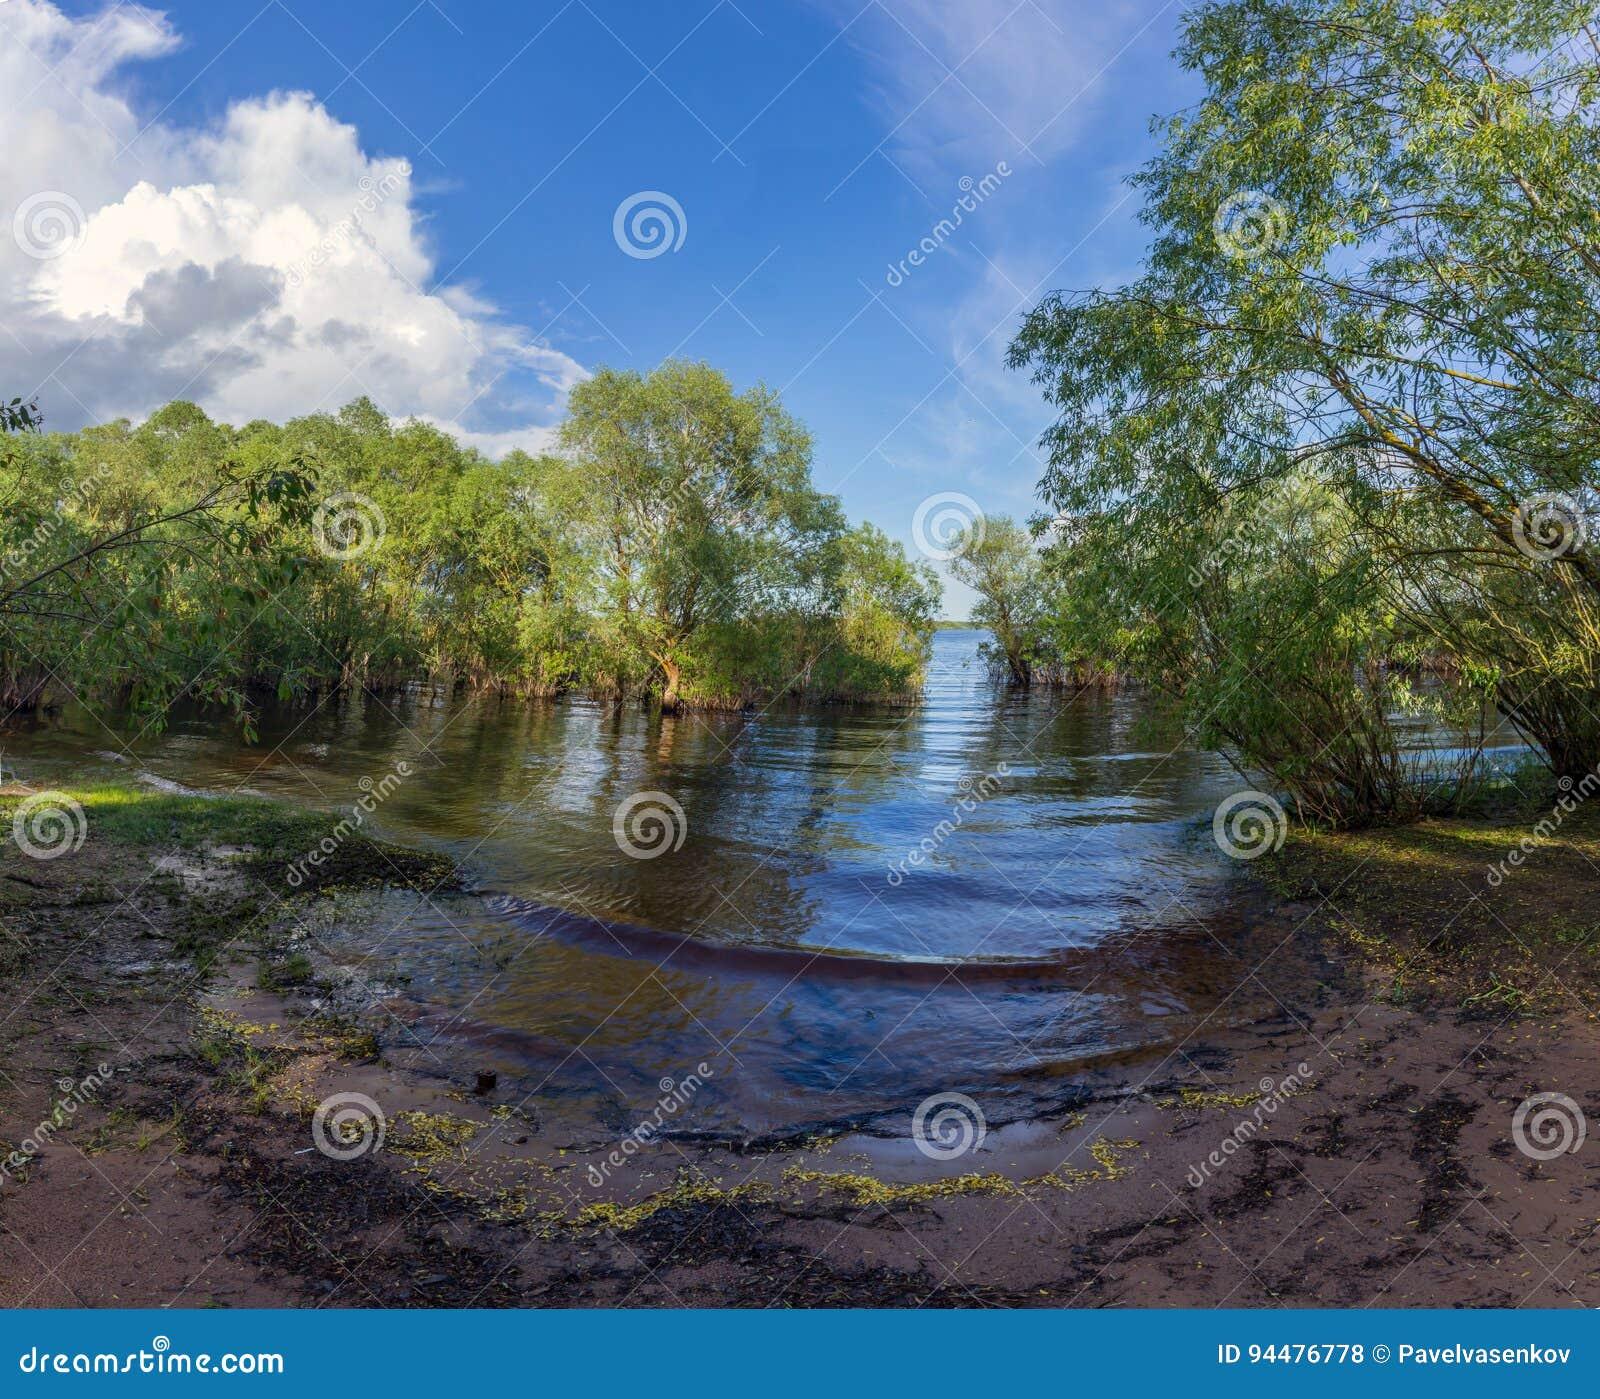 Where is the lake Ilmen in Russia 24